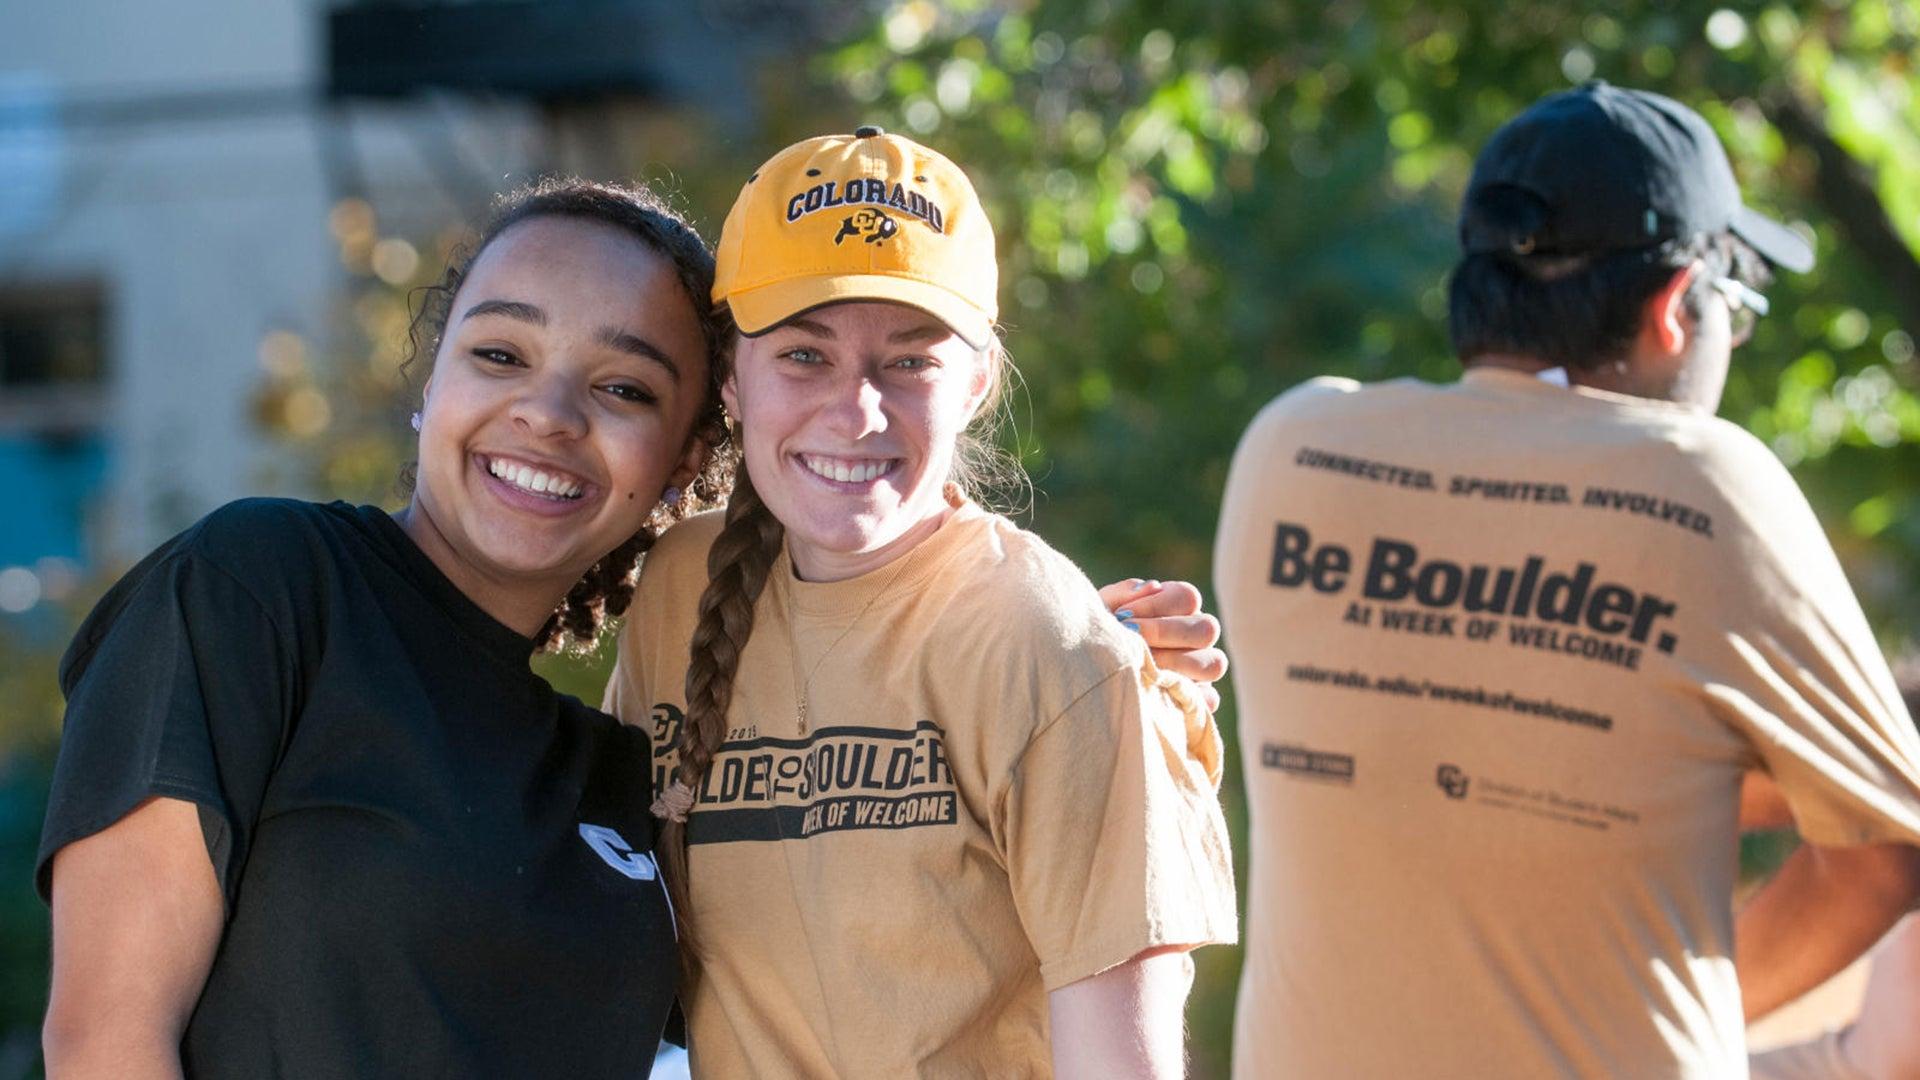 Two CU Boulder alumni hugging at a volunteer event